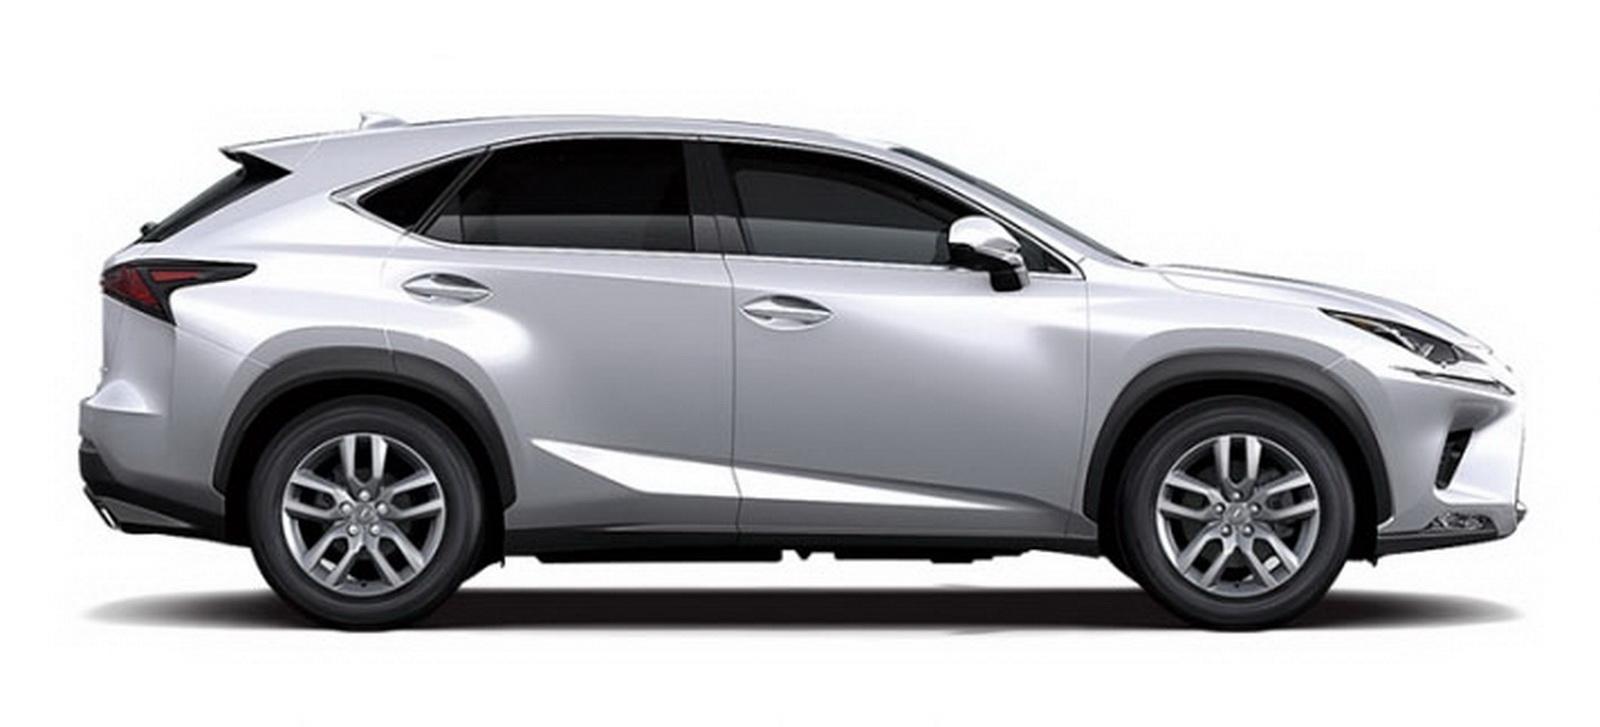 圖/外觀部份,Lexus團隊賦予NX系列全新保險桿與紡錘型水箱護罩設計,將流暢銳利的線條,延伸至引擎蓋與車門折線,同時也能強化空氣力學表現。